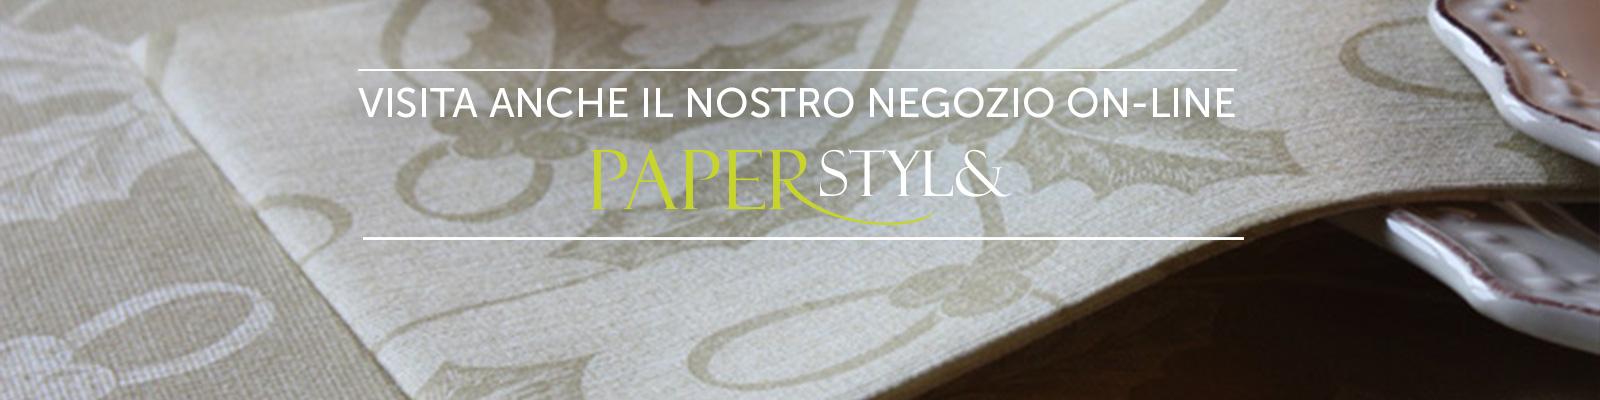 Negozio on-line Paper Style dove potrai trovare altri formati ed articoli a tema